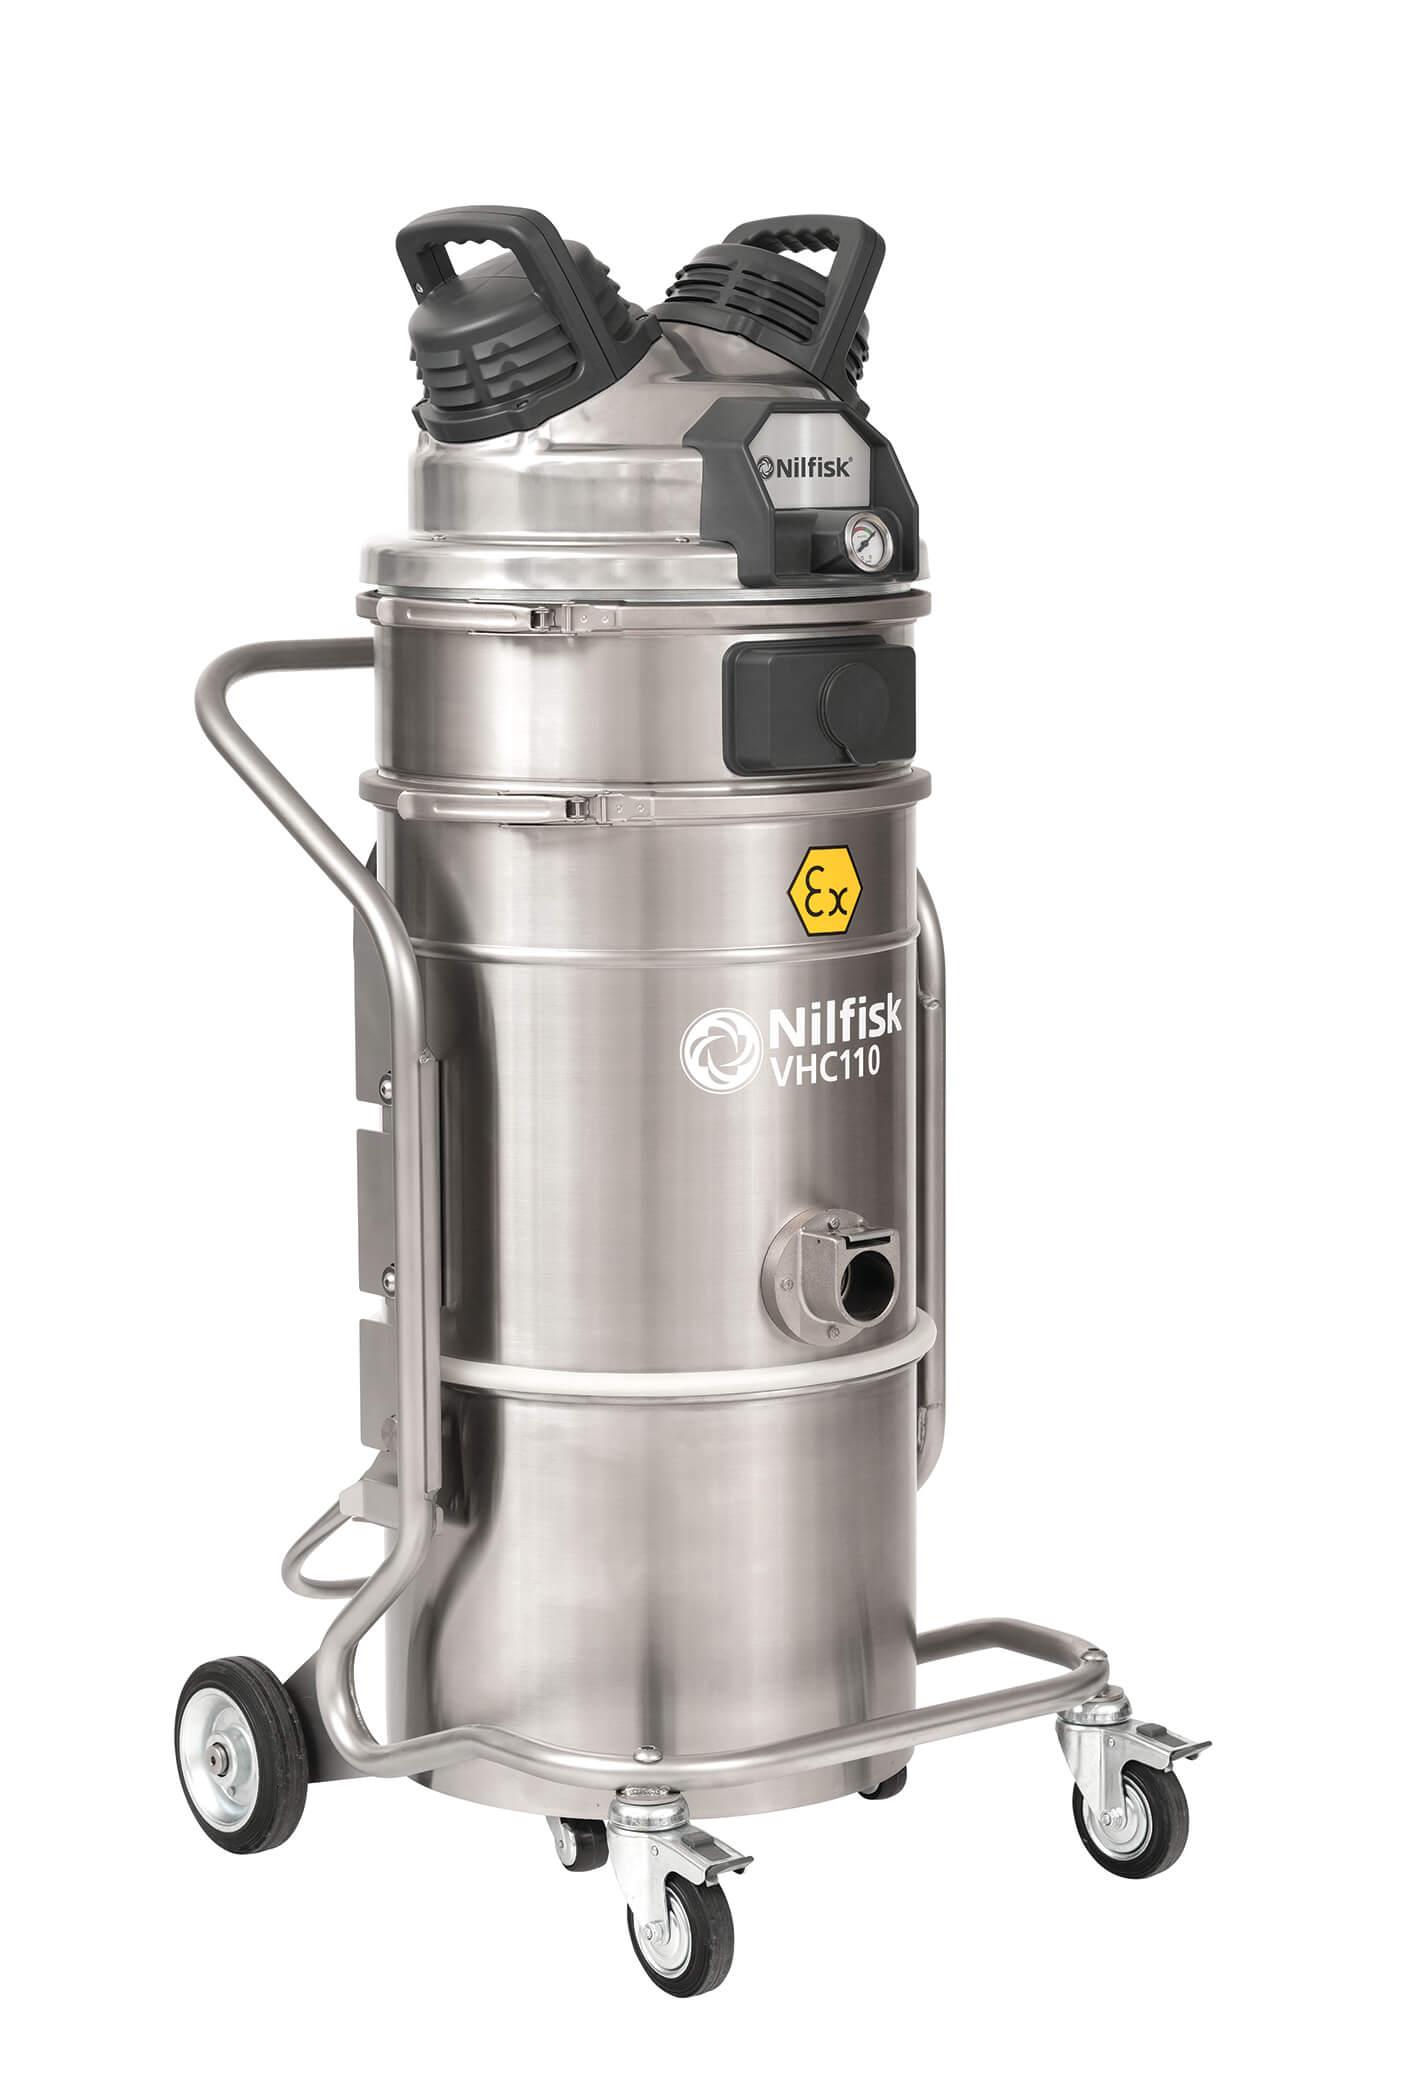 VHC110 EXP Industrial Vacuum